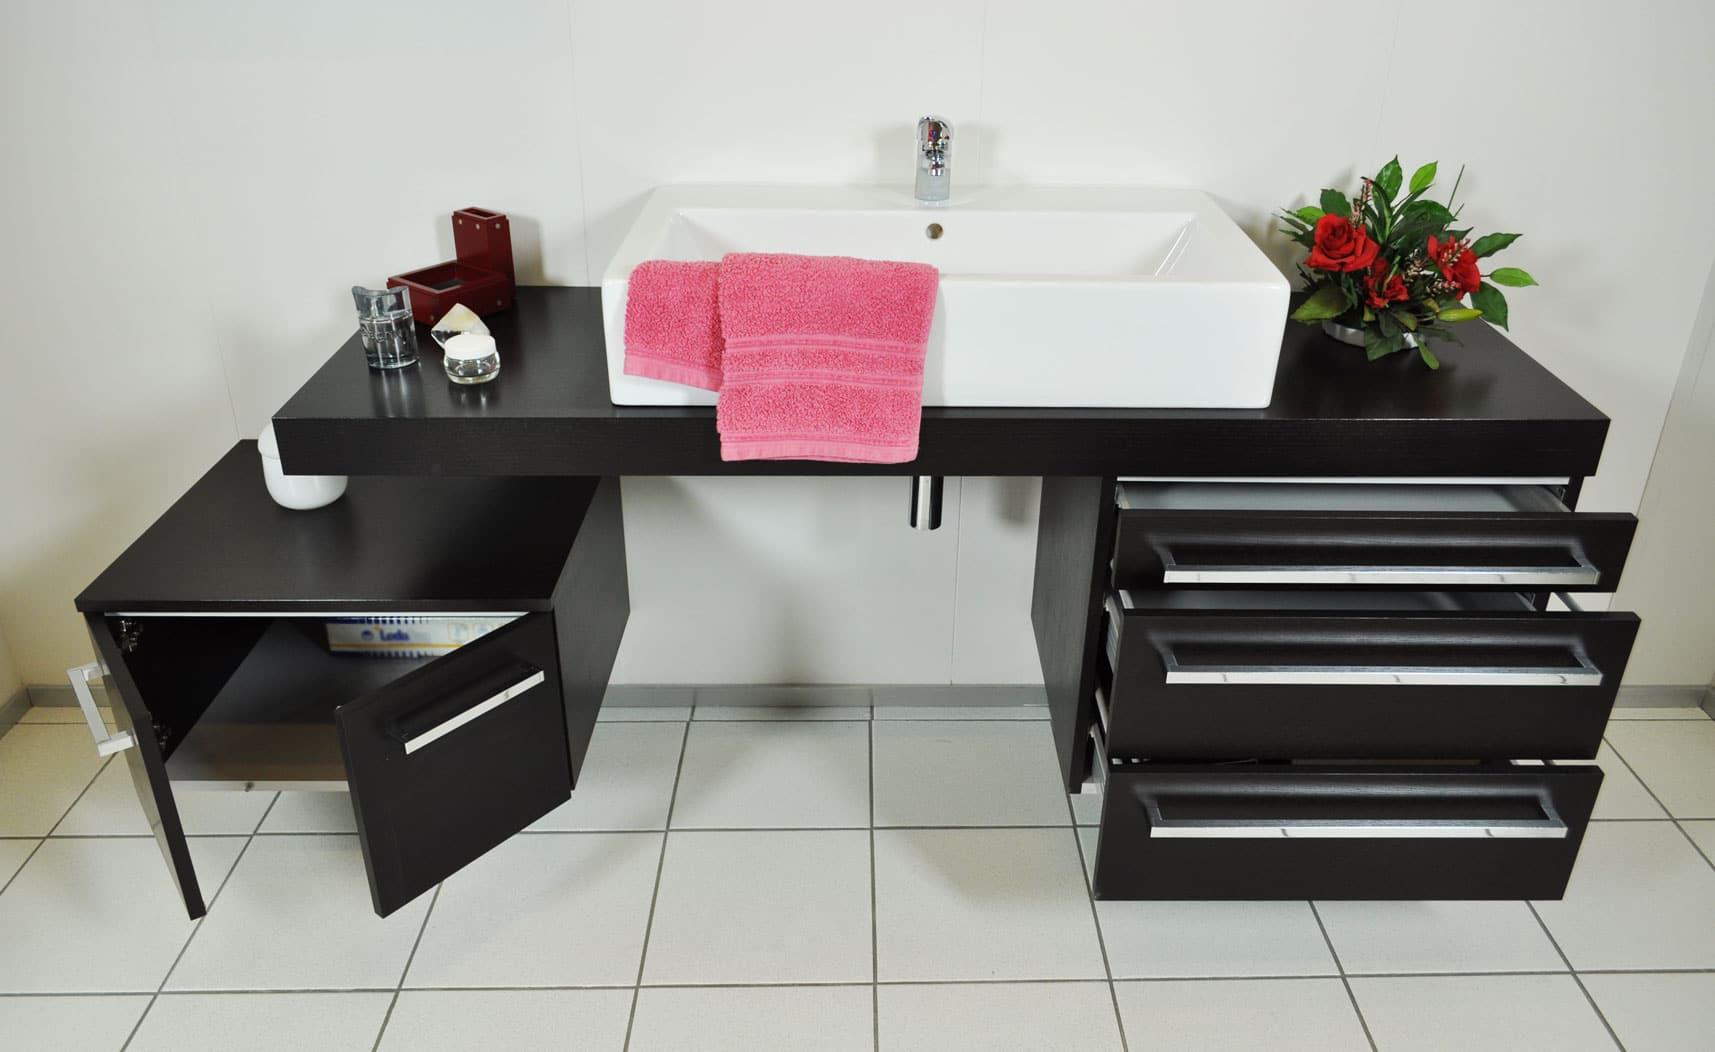 arredalcasa - l'arredamento di qualità nel più grande showroom di ... - Negozi Arredamento Classico Torino